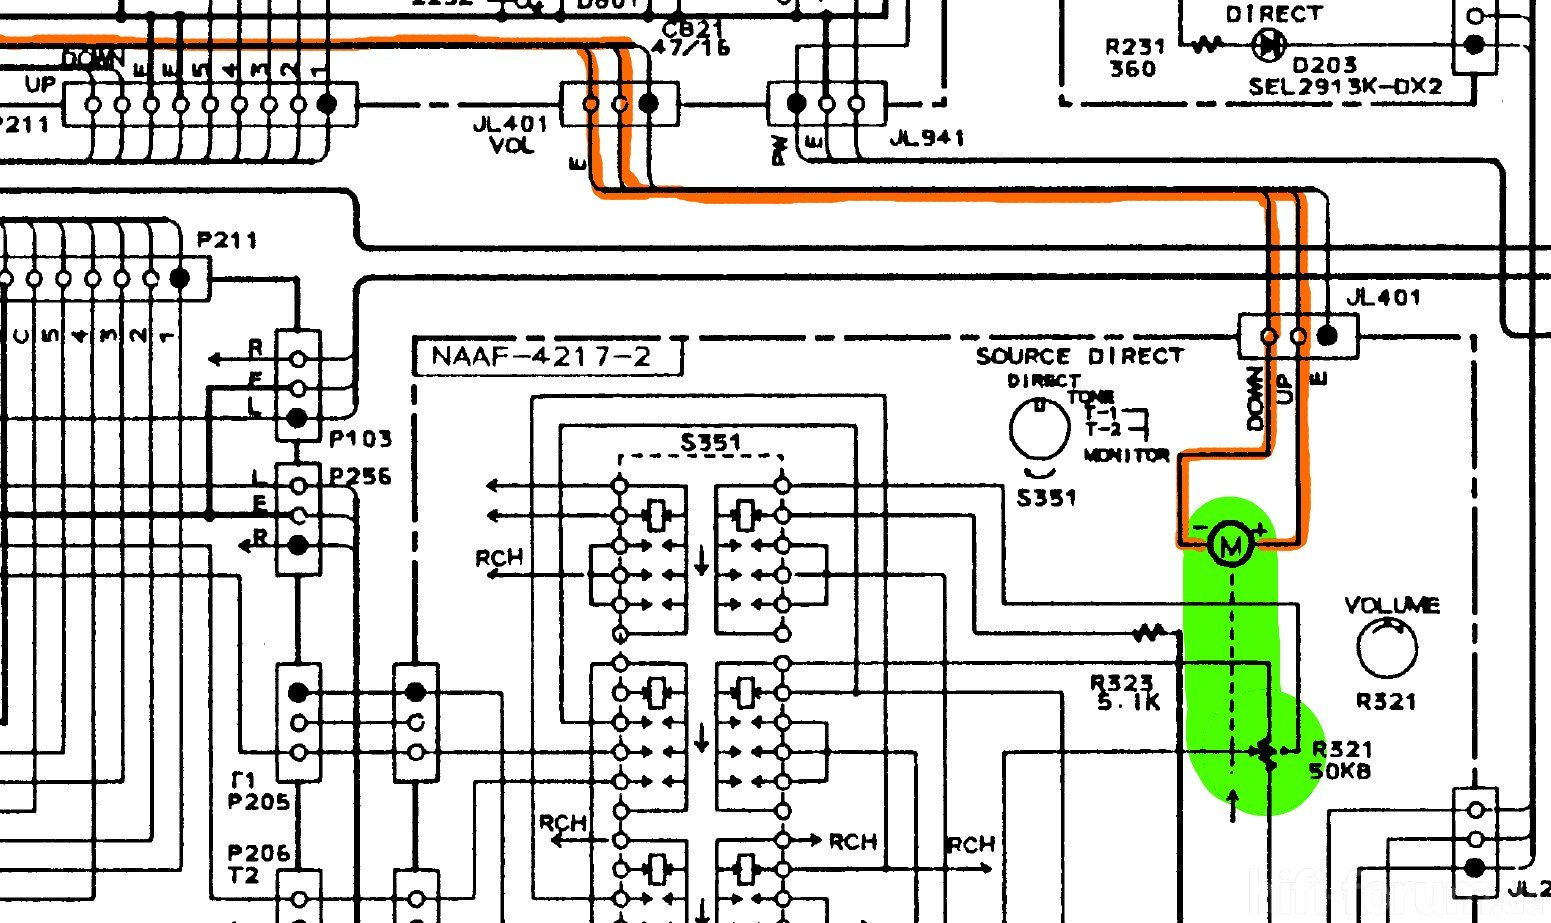 Wunderbar Handwerksmäher Schaltplan 917 255692 Bilder - Schaltplan ...